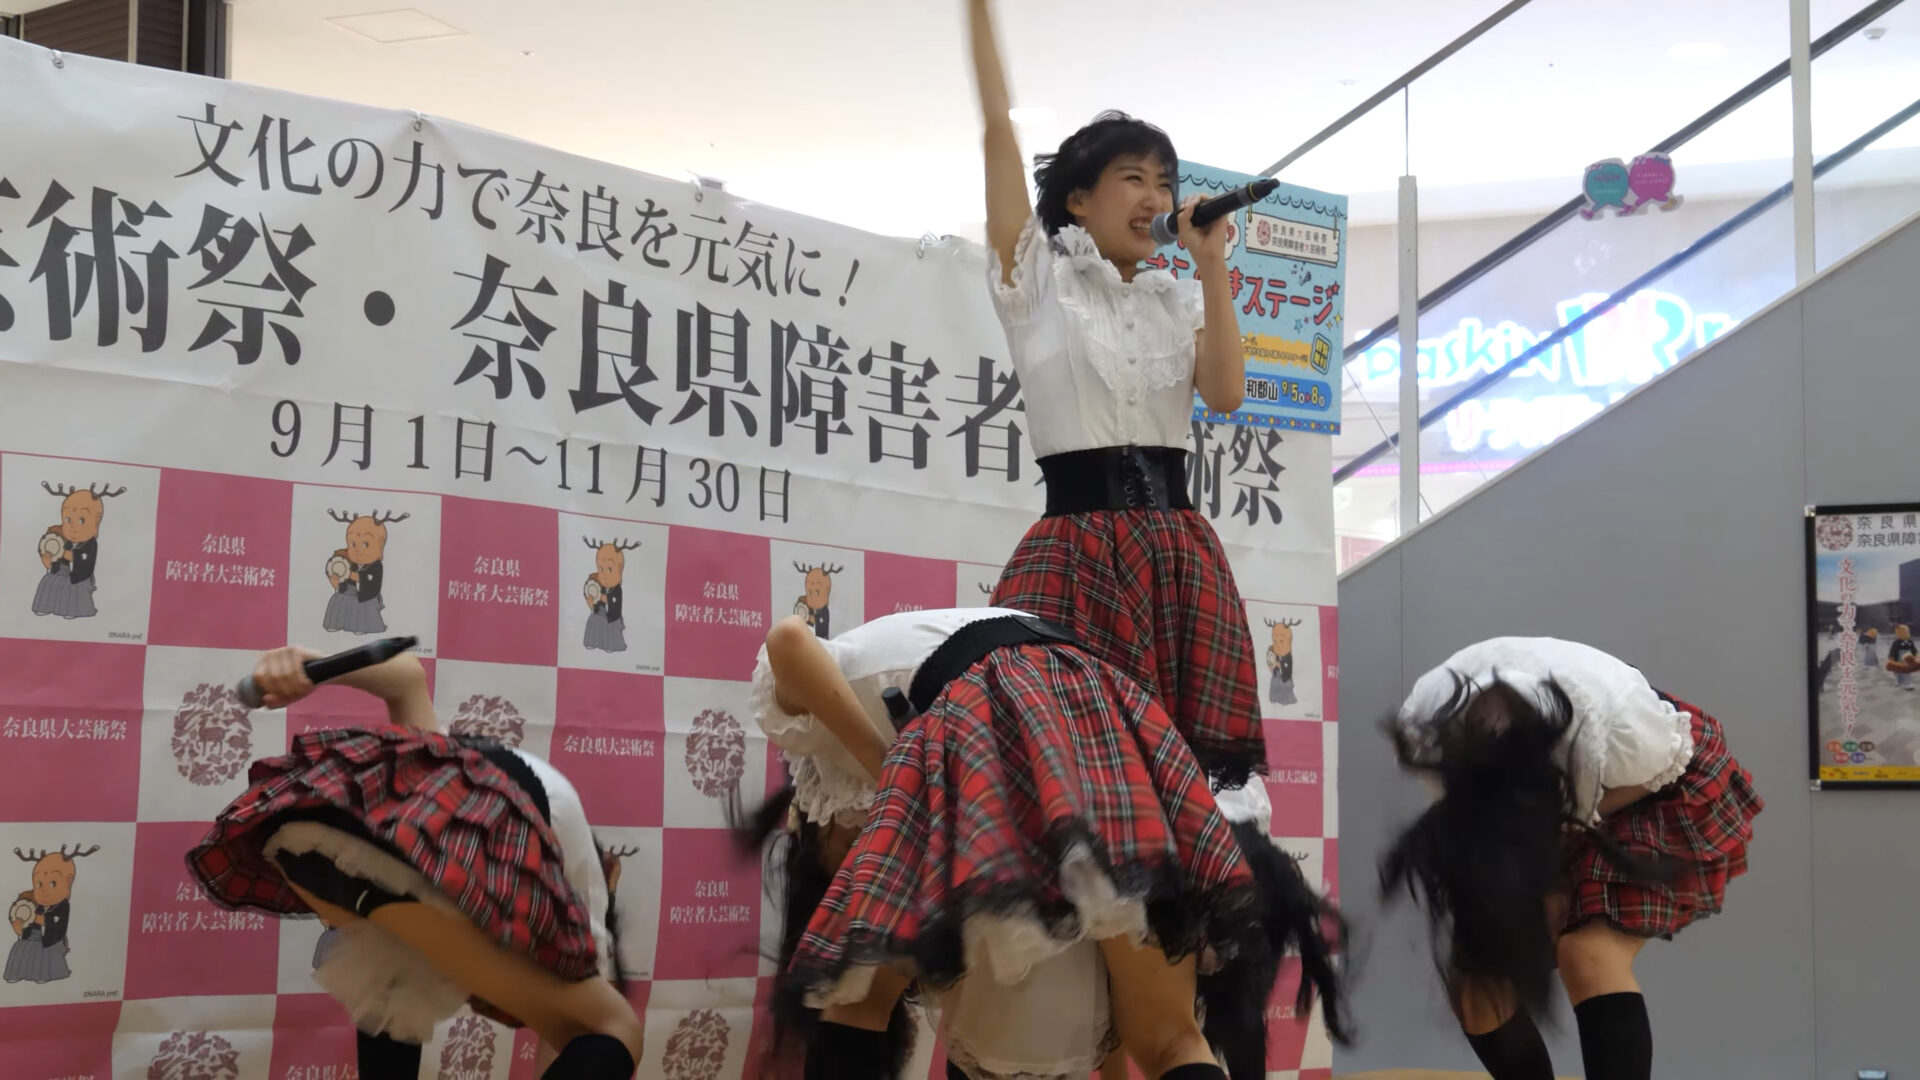 SO.ON project 【冒険者たちよ】 奈良県大芸術祭 県民きらめきステージ第二部 03:20